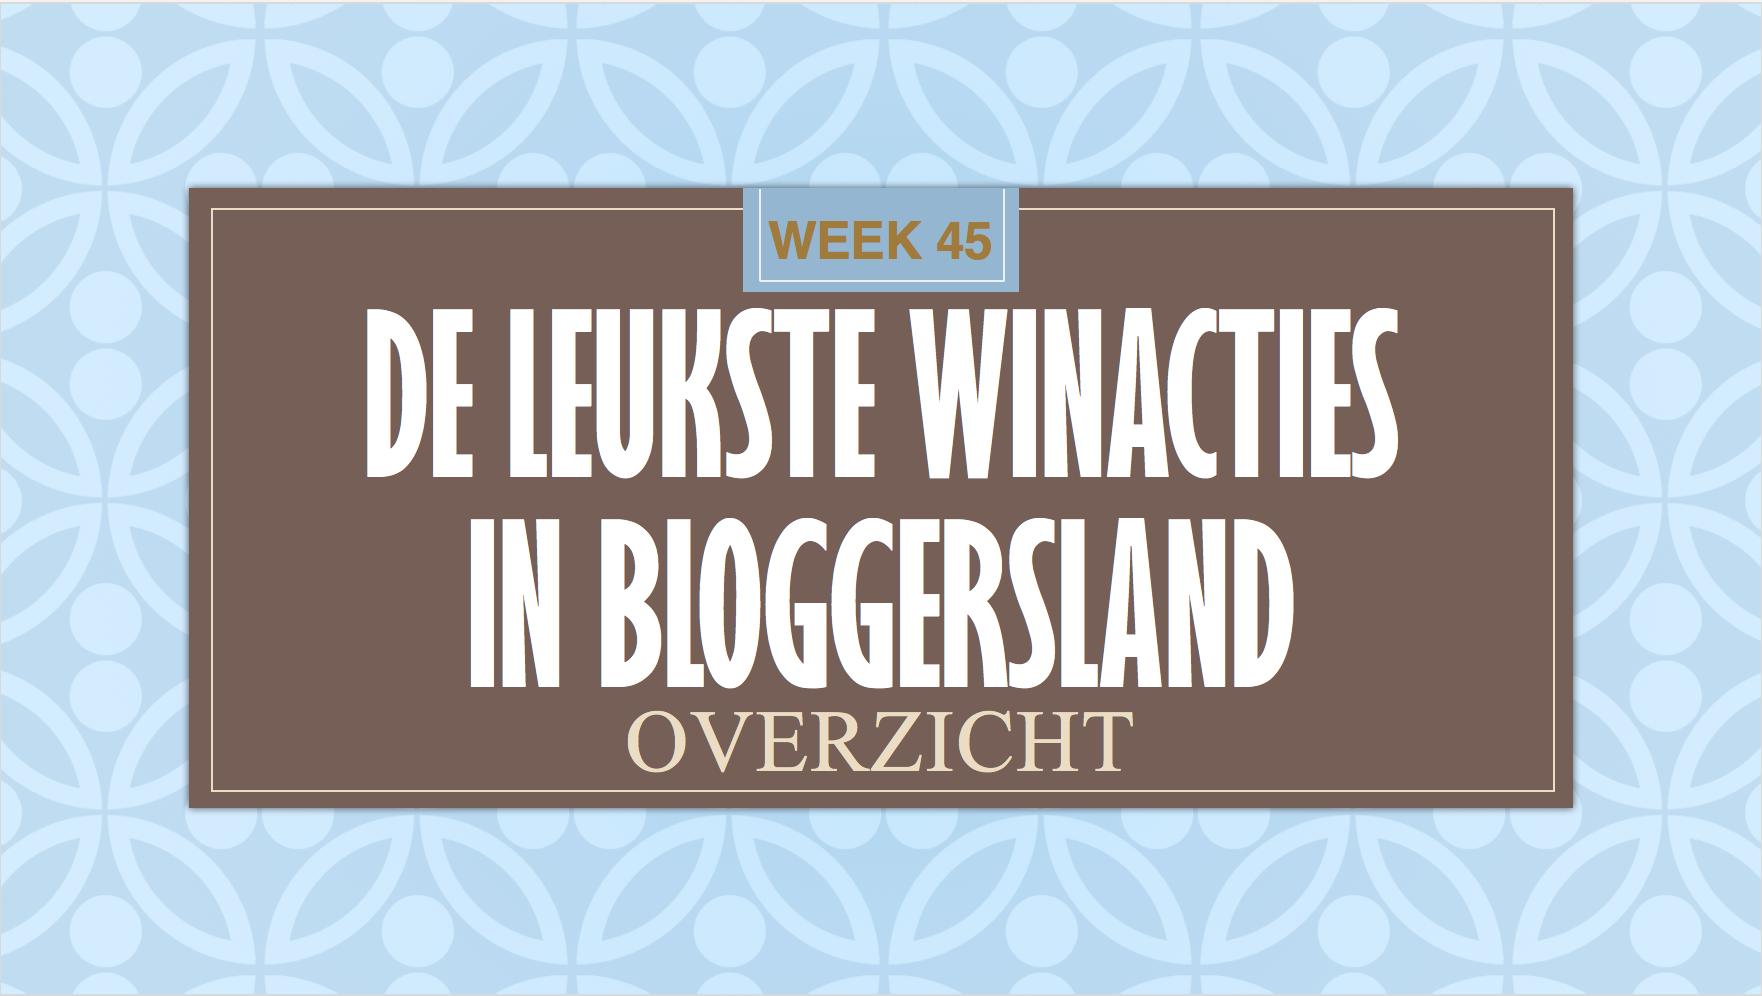 De leukste winacties in bloggersland wk 45